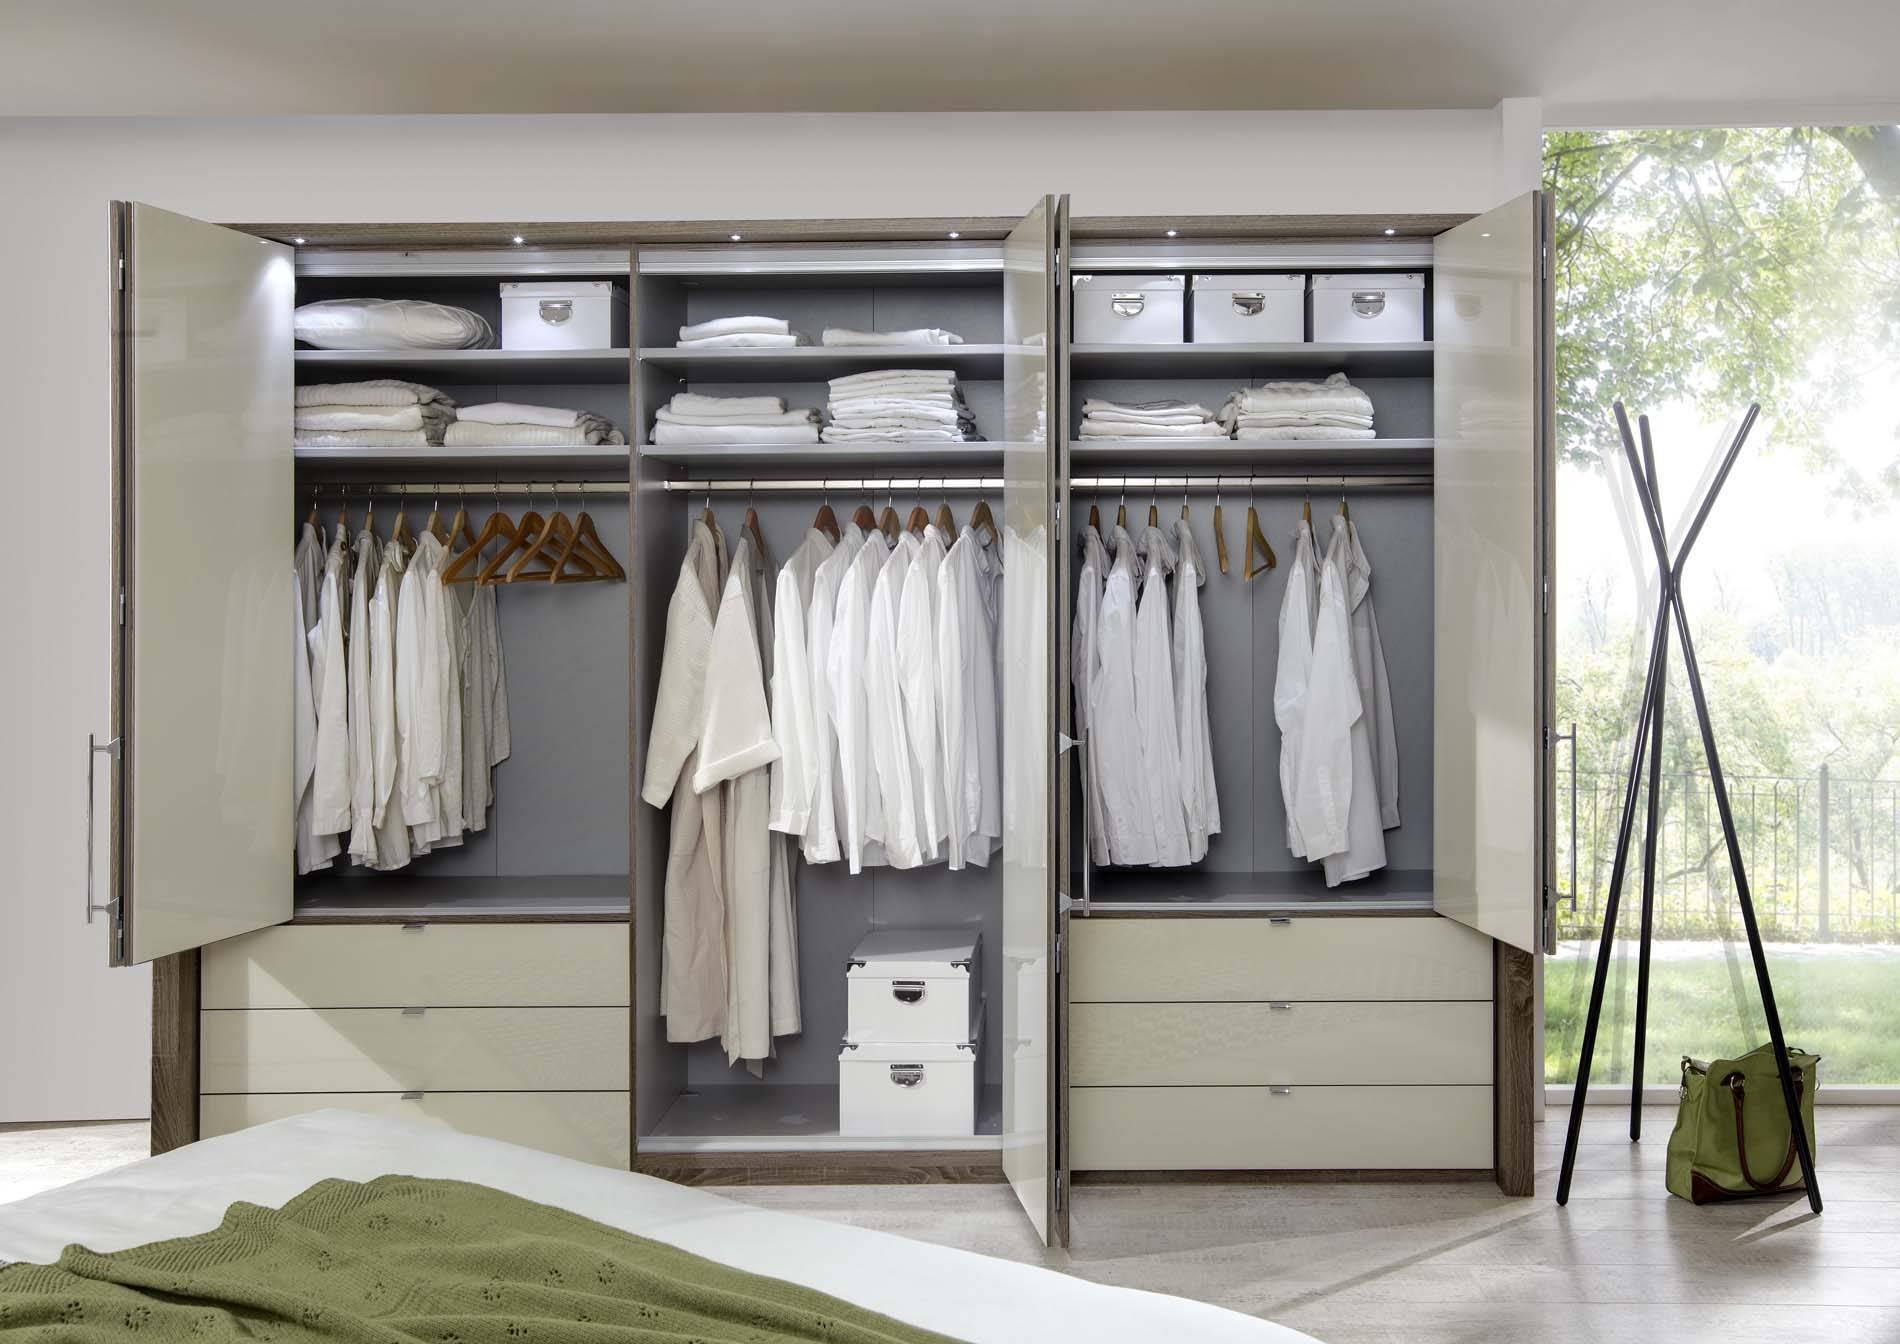 Kensington 6 Door 6 Drawer Wardrobe | Crendon Beds Regarding 6 Door Wardrobes Bedroom Furniture (View 9 of 15)